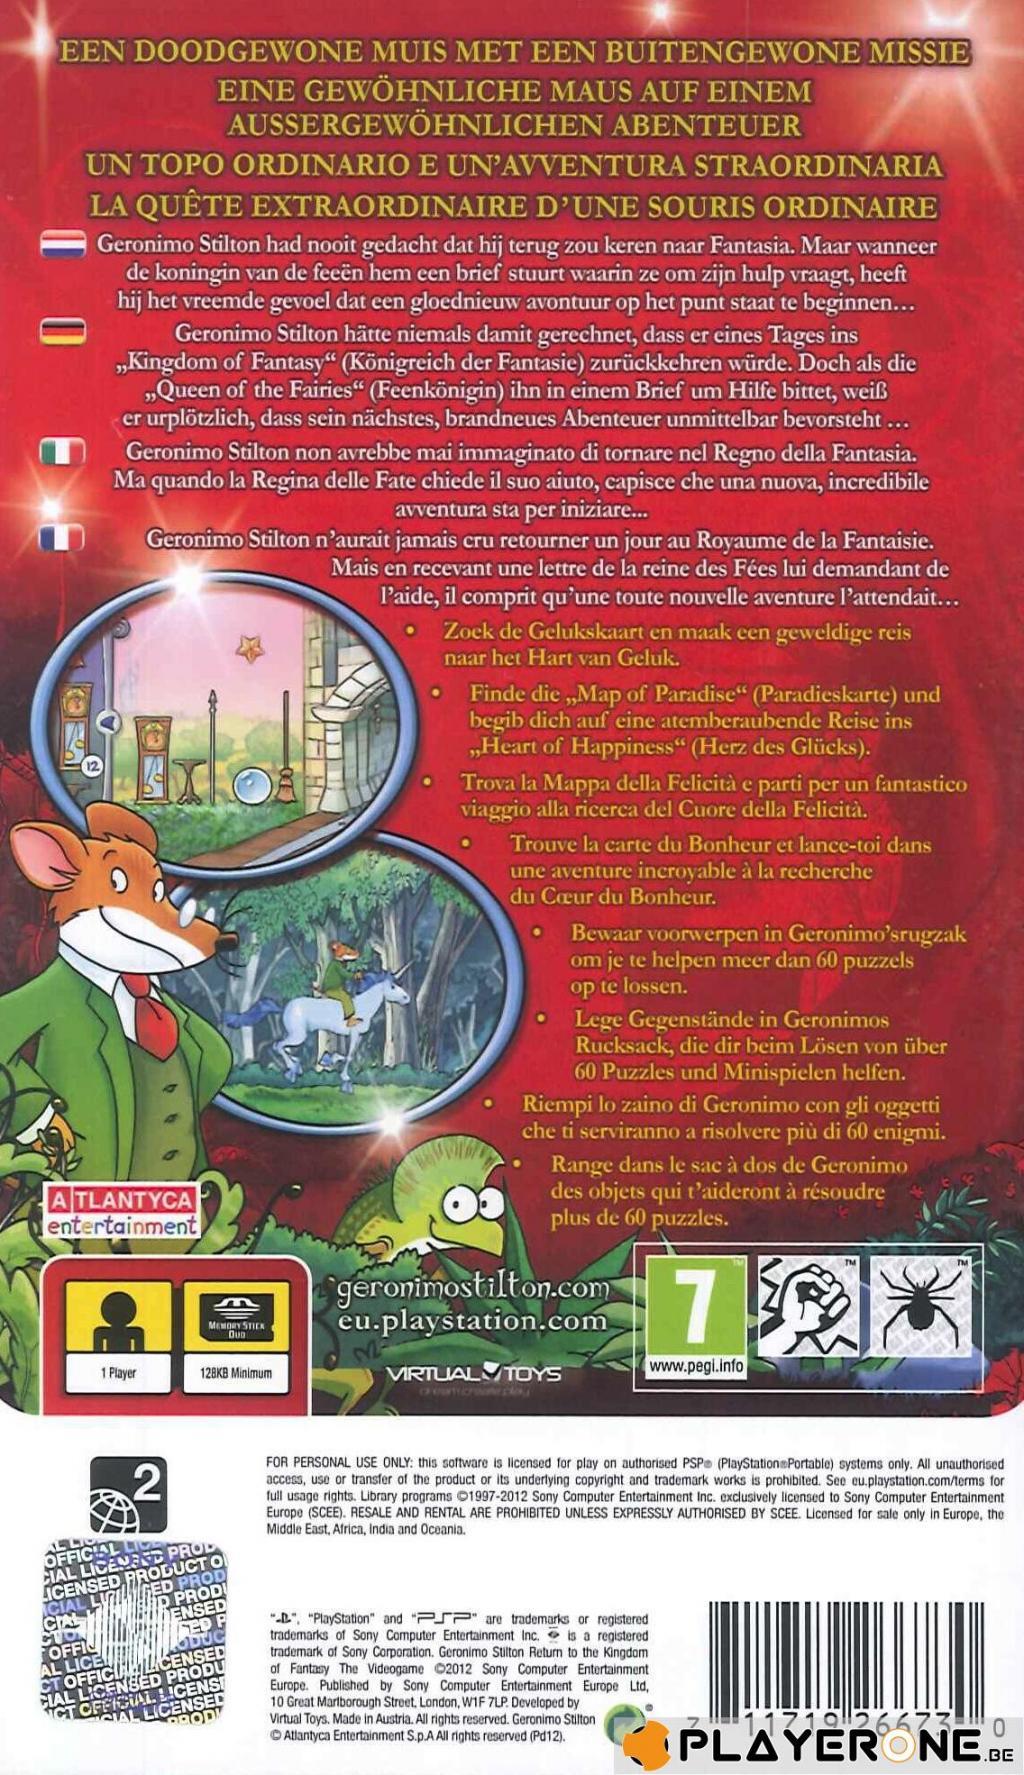 Geronimo Stilton 2 Return to Kingdom of Fantasy_2